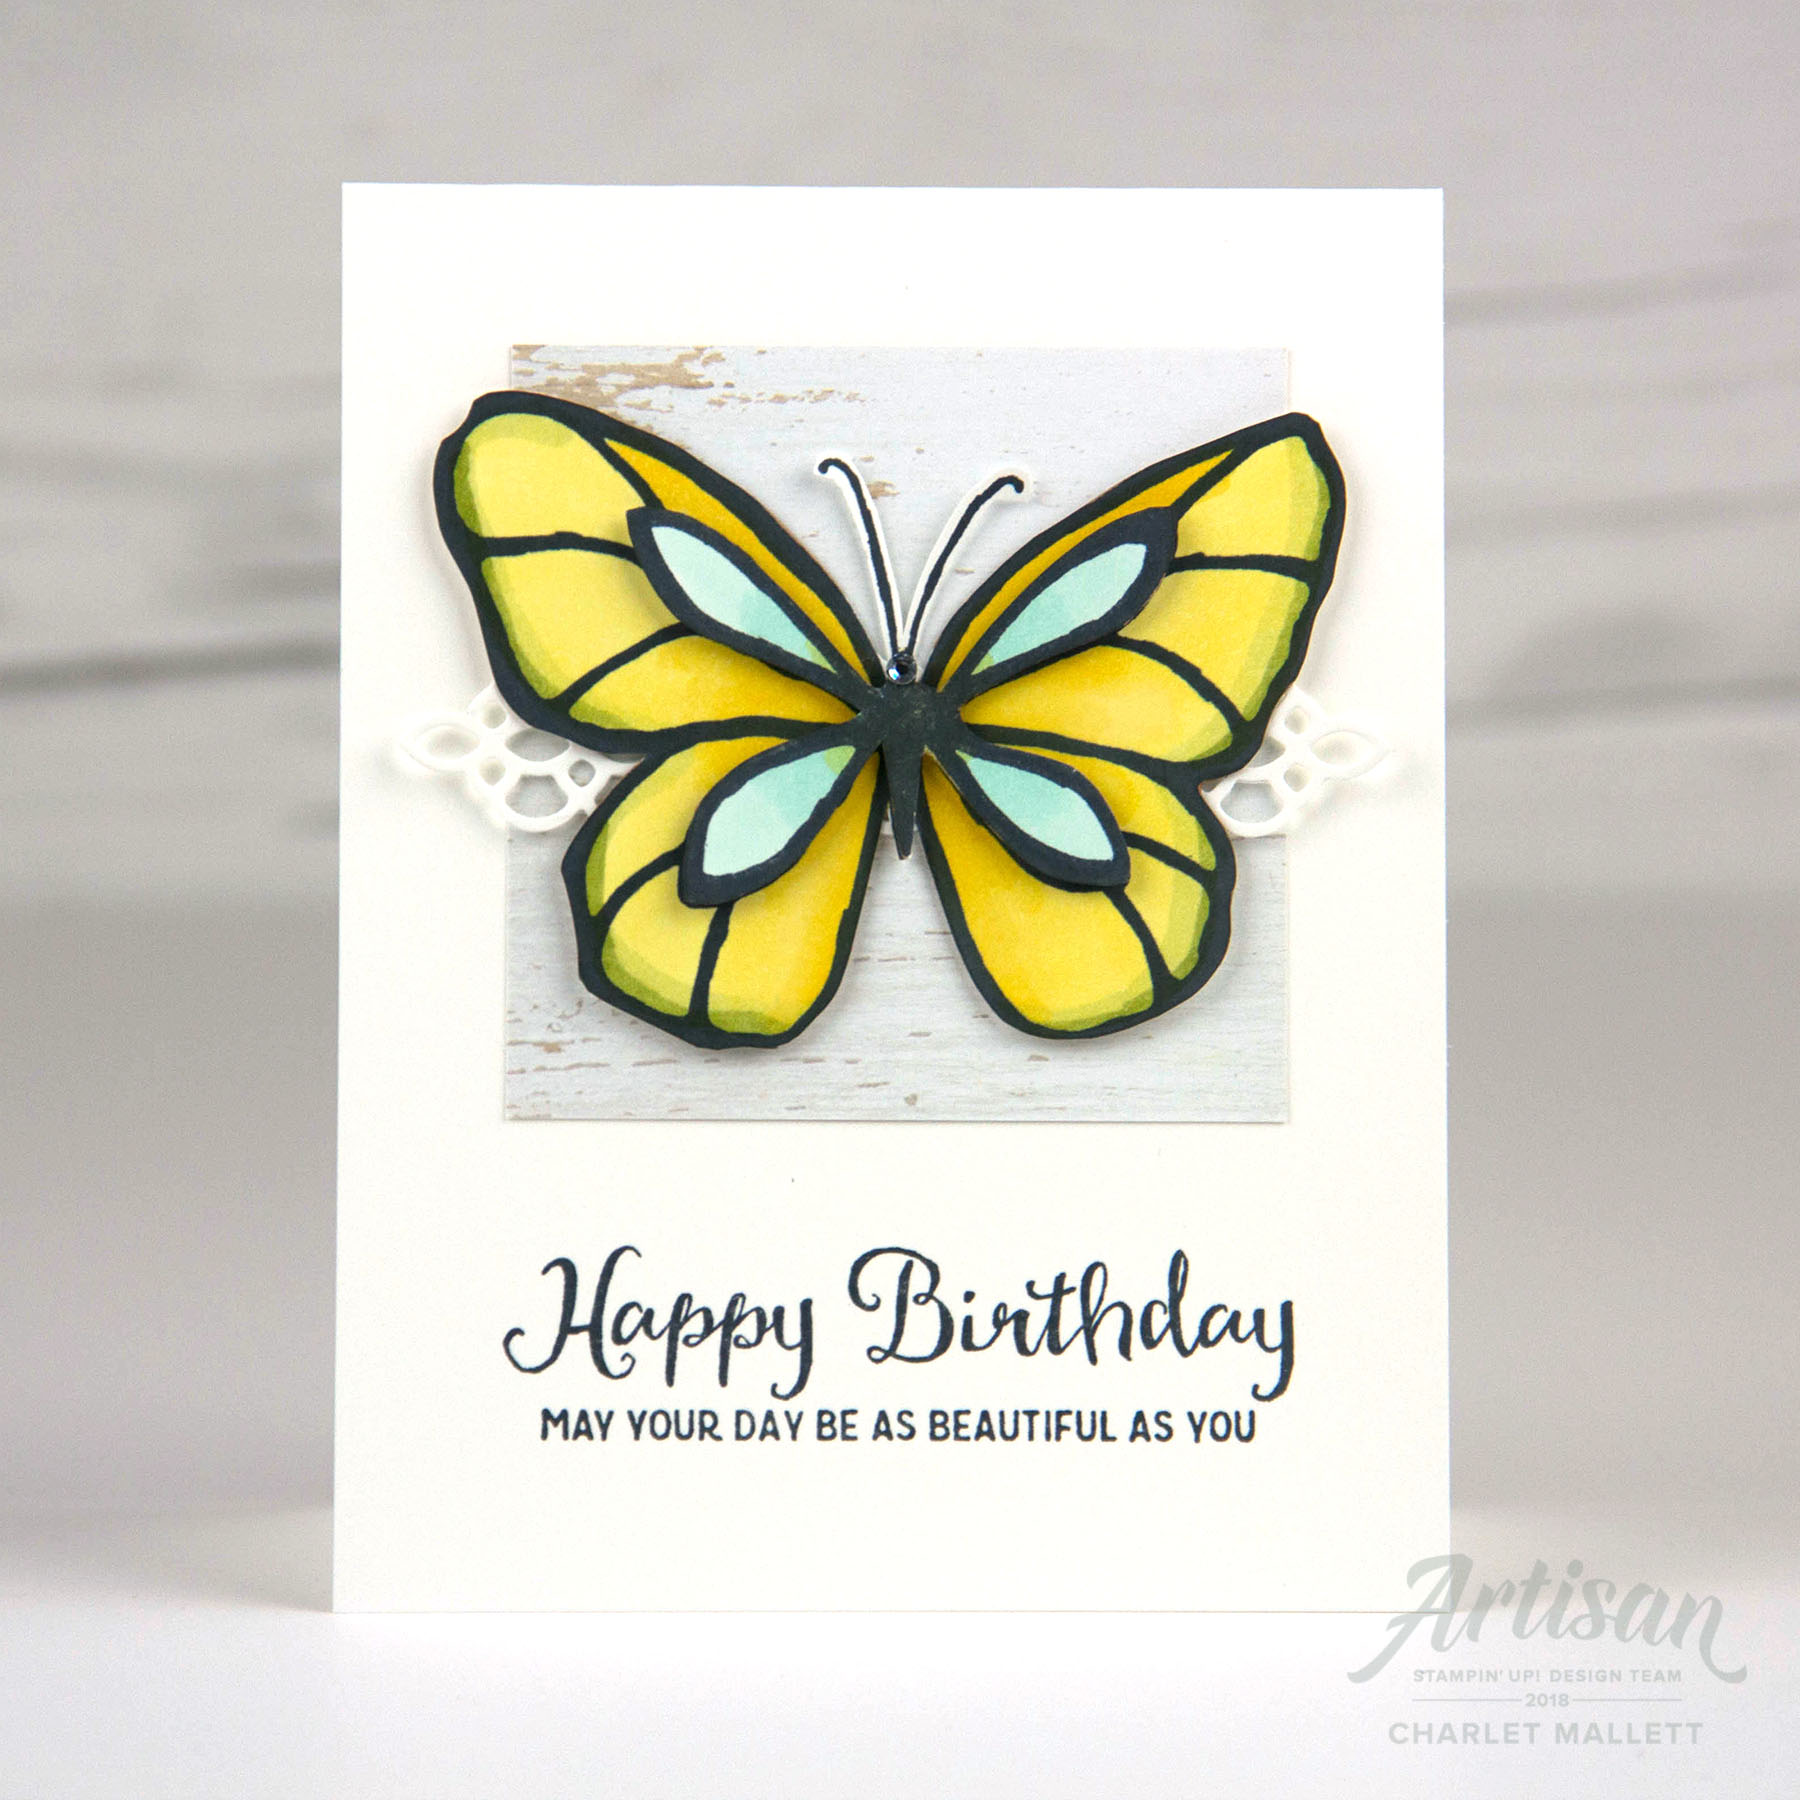 Butterfly (1 of 4).jpg